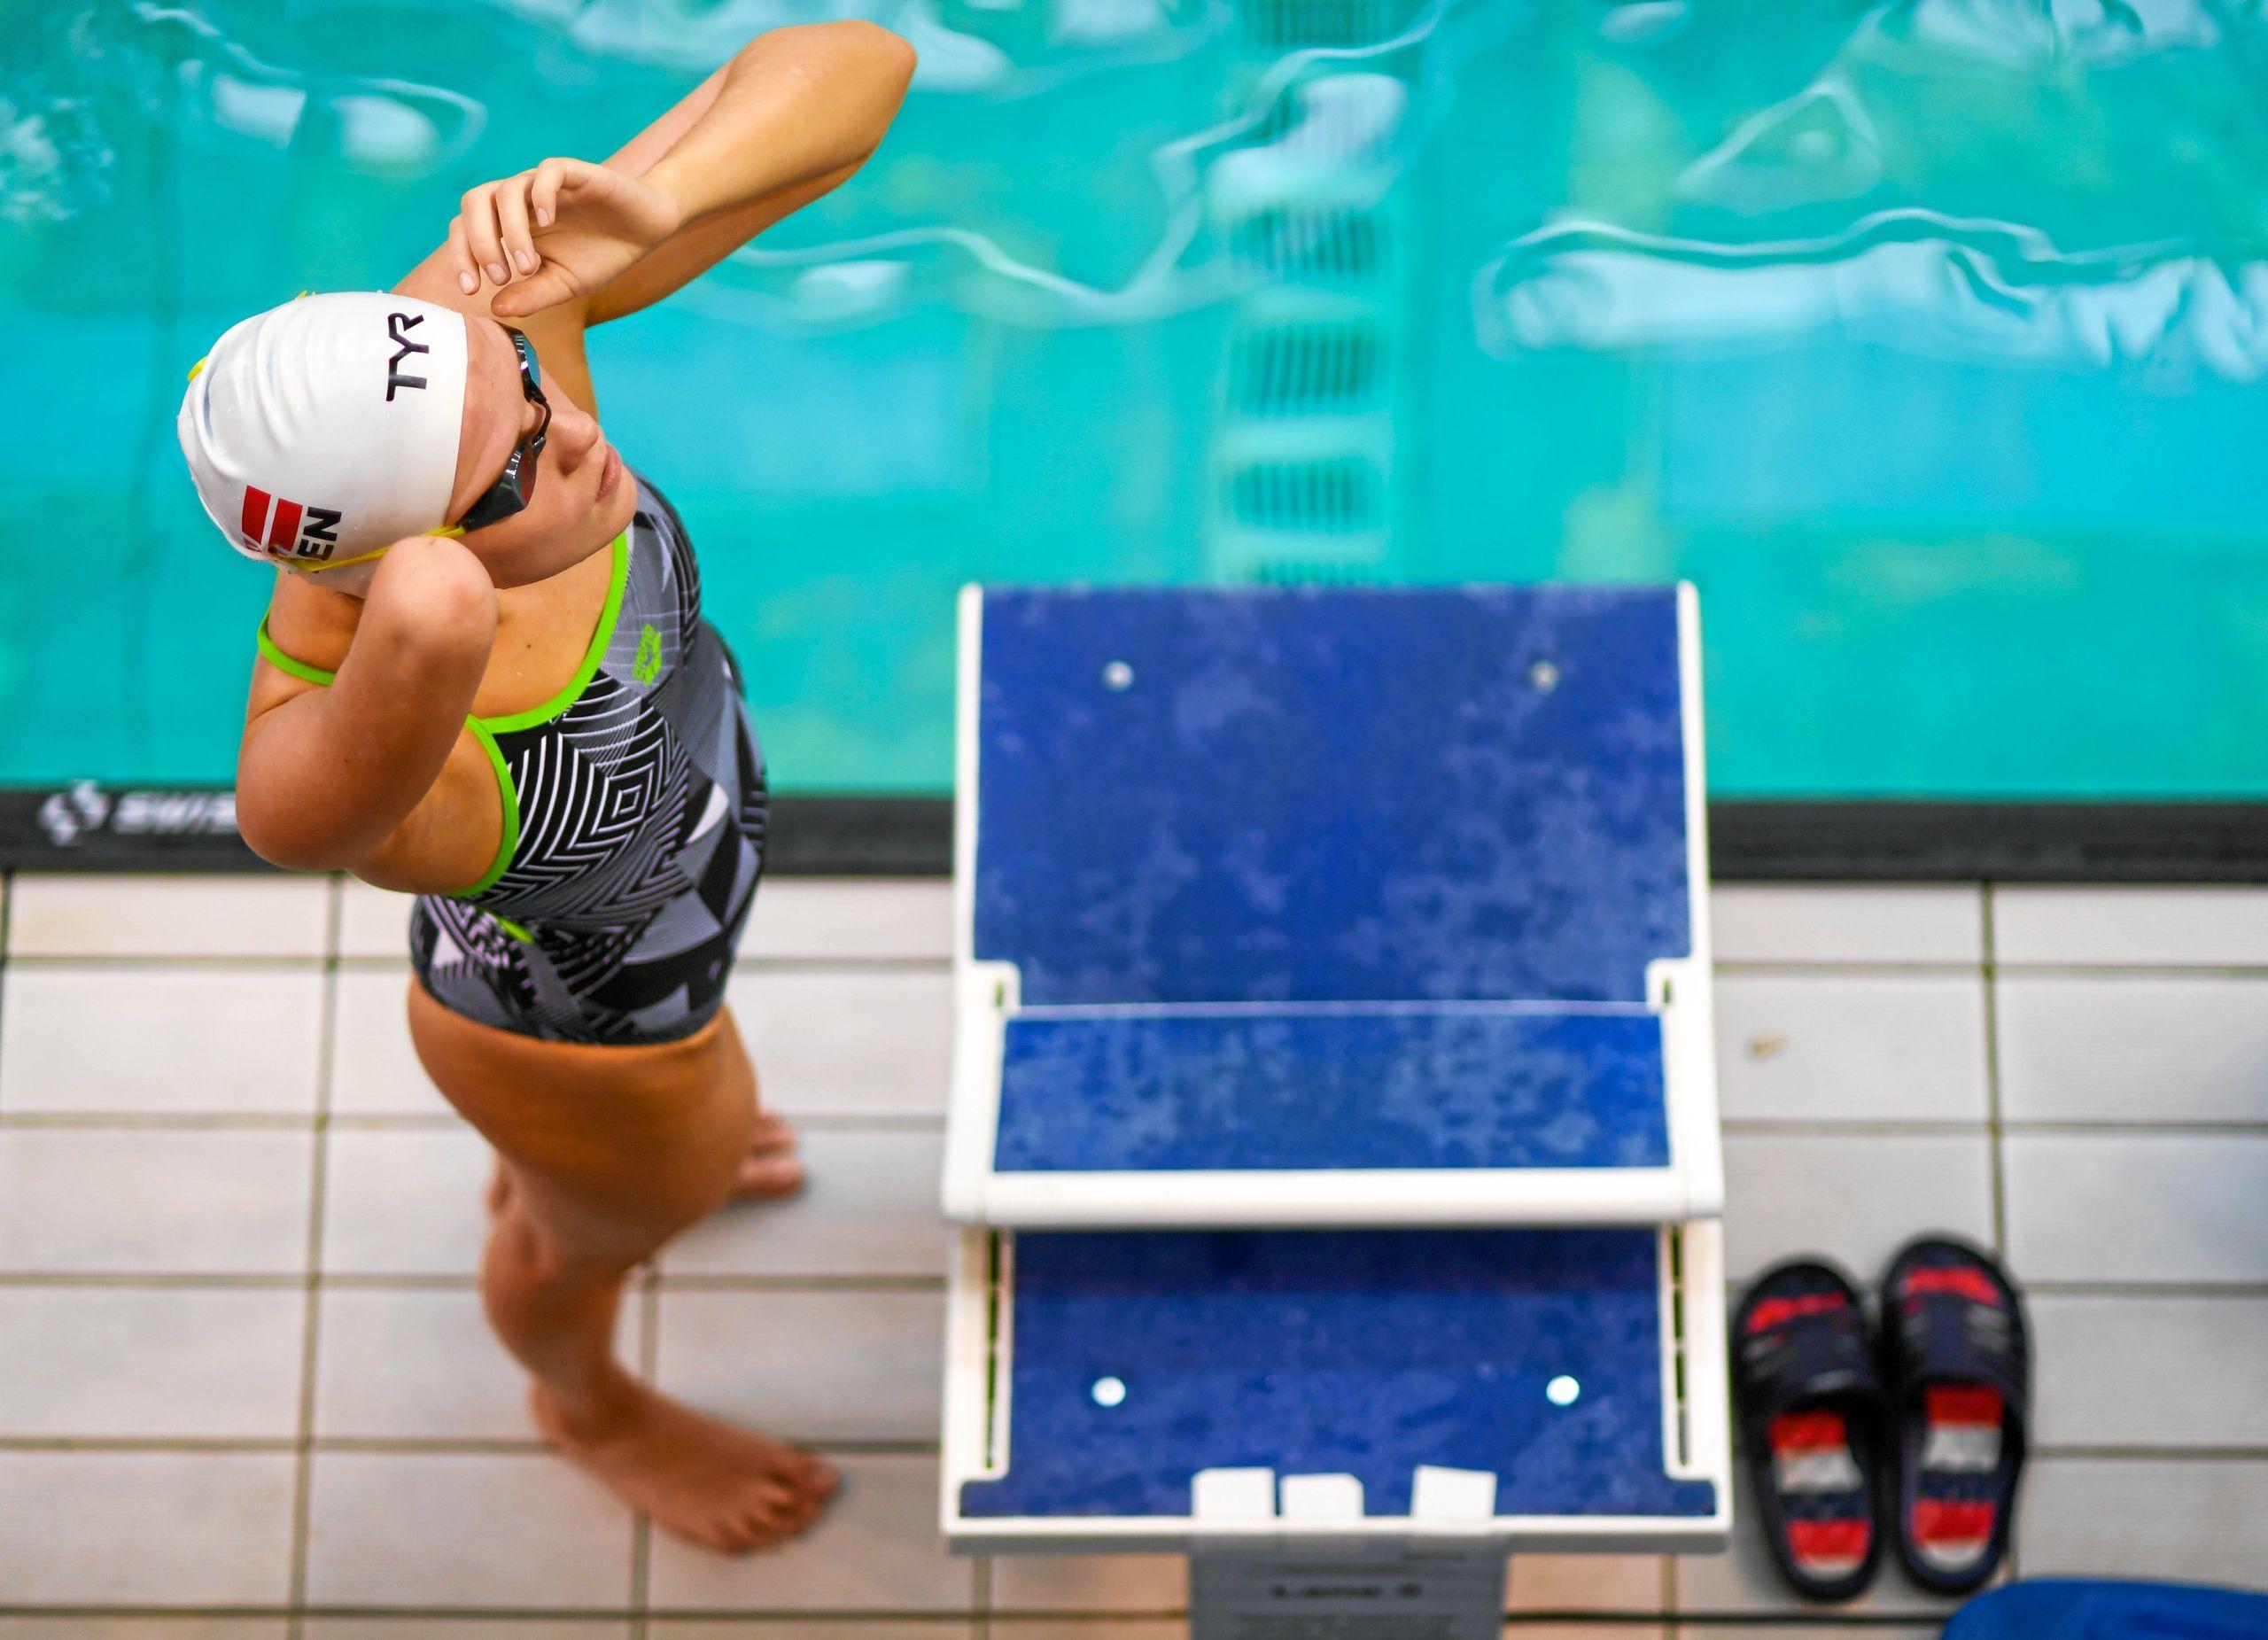 Det danske hold bestående af rutinerede Amalie Vinther, Laura Martens Christensen fra Svømmeklubben NORD og de to debutanter Louise Bast Aaby og Mie Trothe svømmede bronzemedaljen hjem i tiden 5.50,62 - kun overgået af Storbritannien, der tog guldet, og Spanien, der tog sølvmedaljerne. Privatfoto